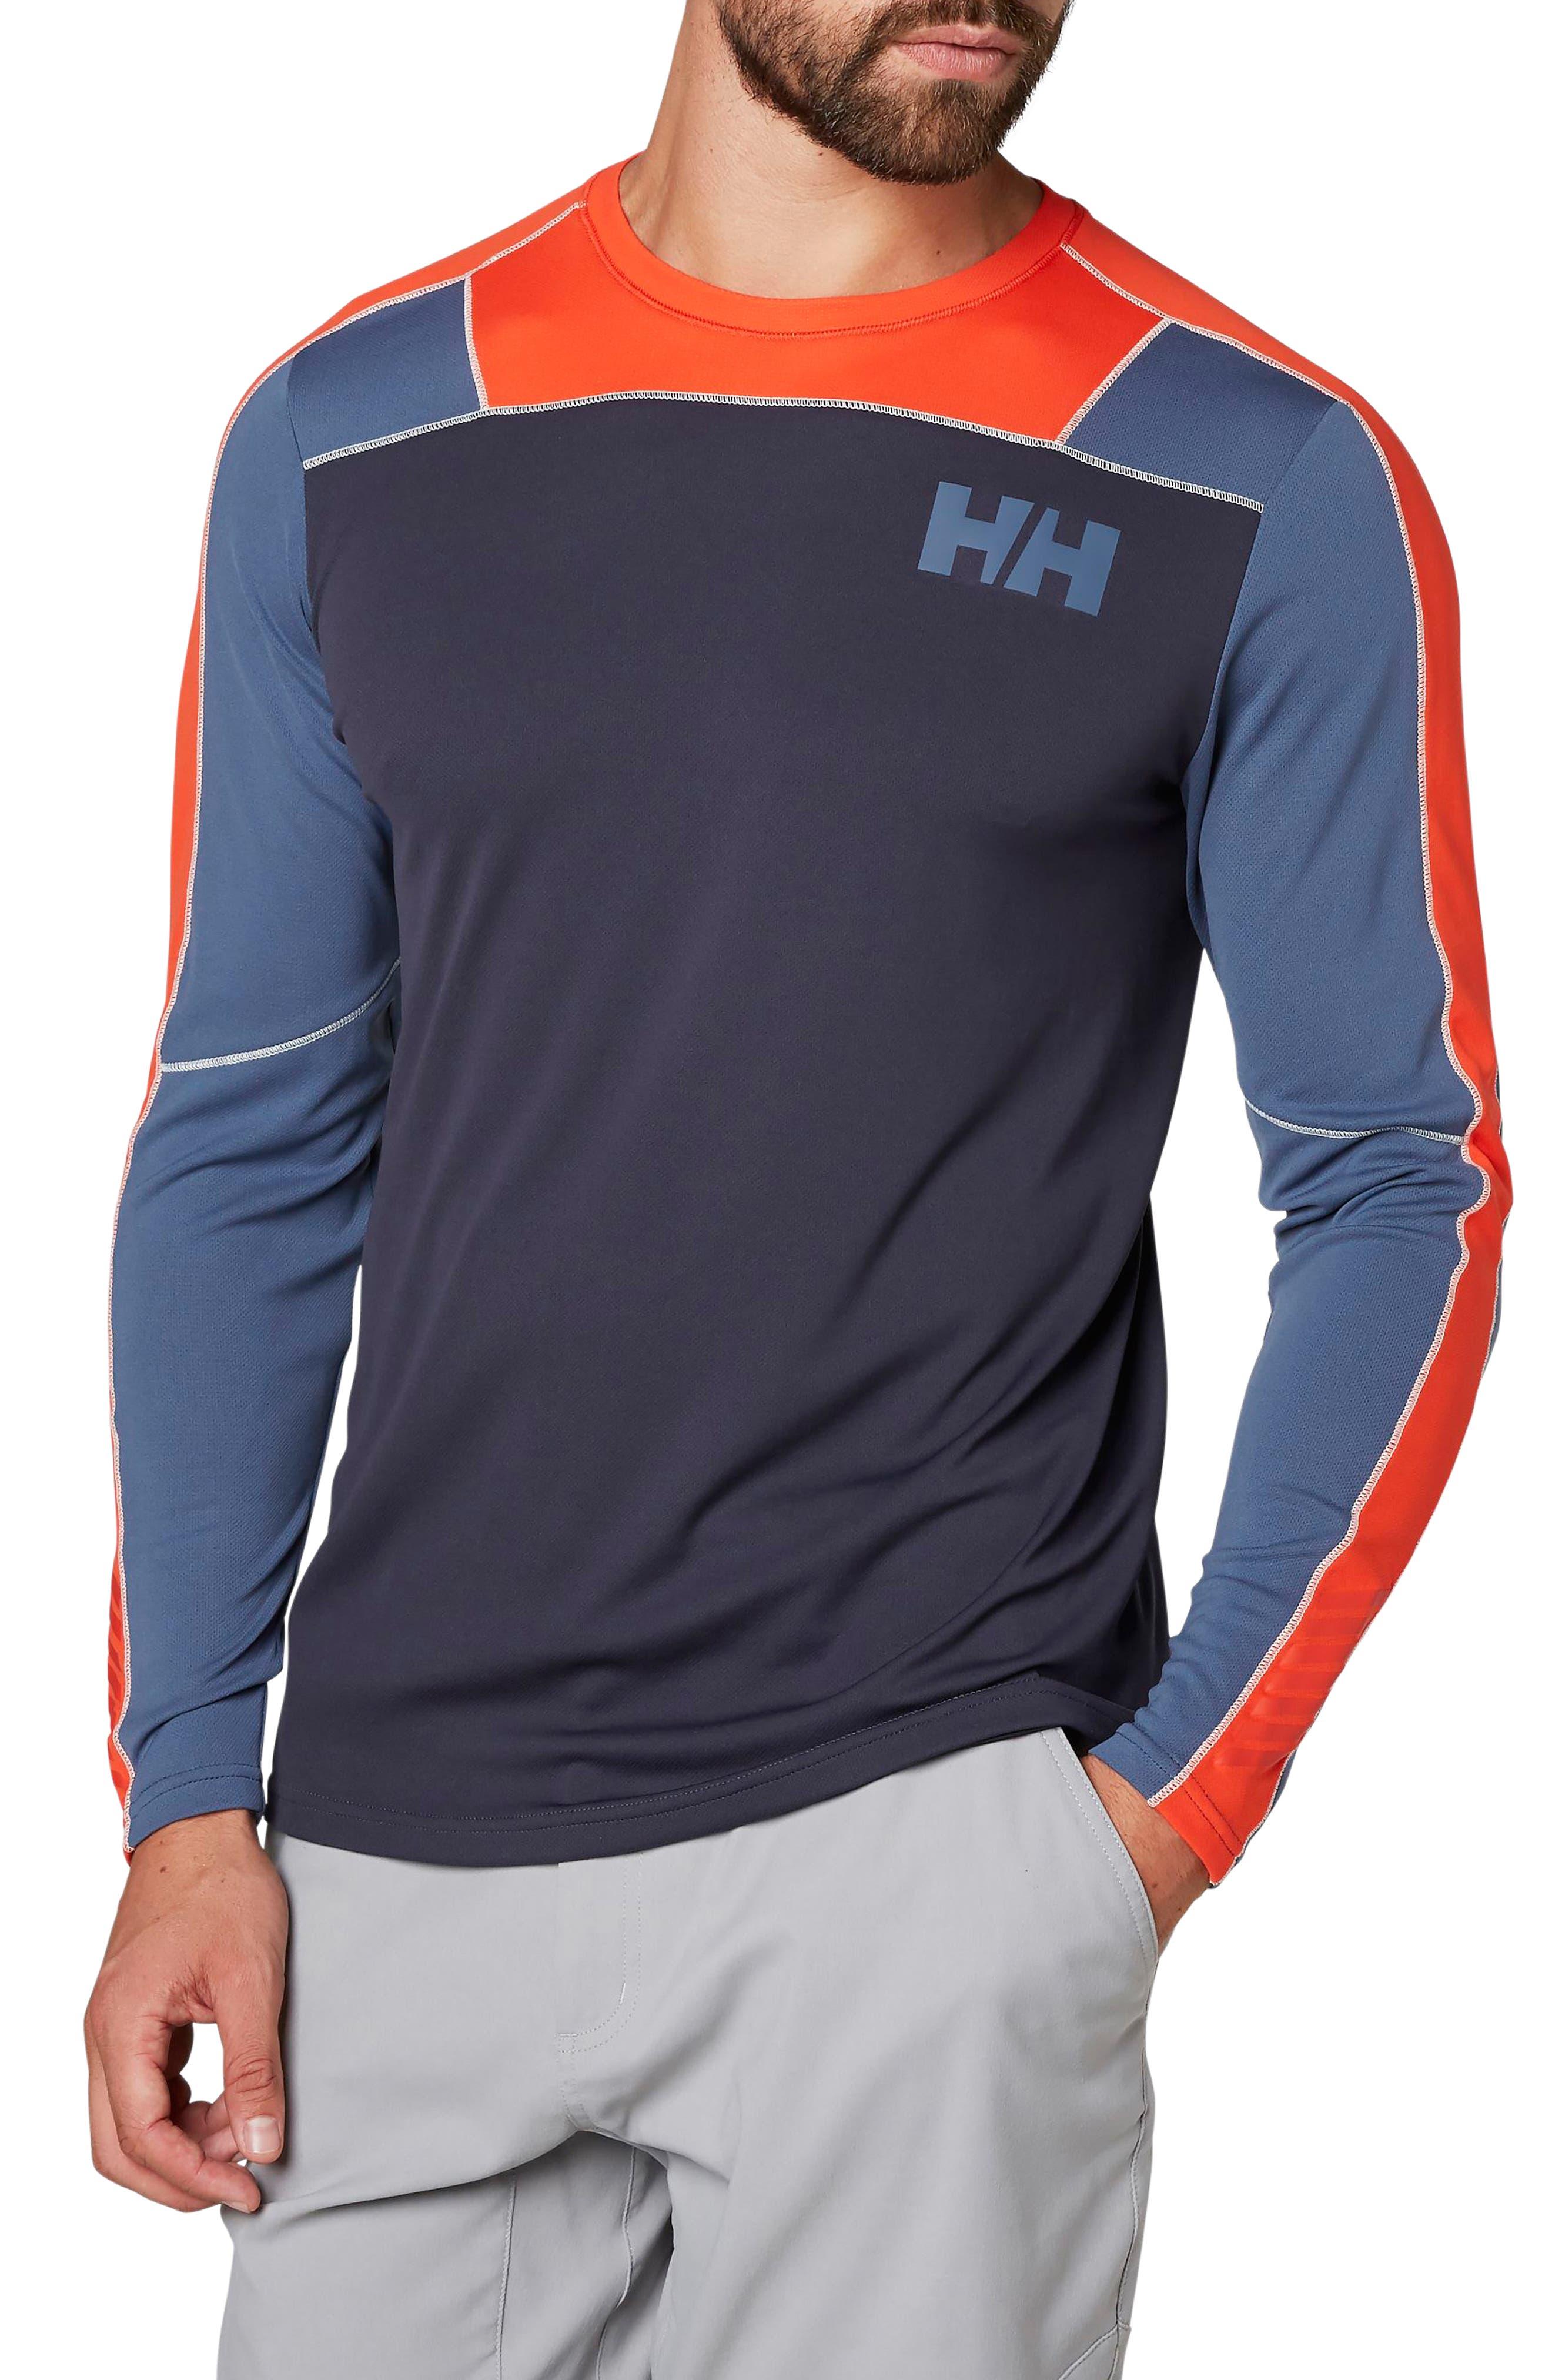 HH<sup>®</sup> Lifa Active Light Long Sleeve T-Shirt,                             Main thumbnail 1, color,                             400